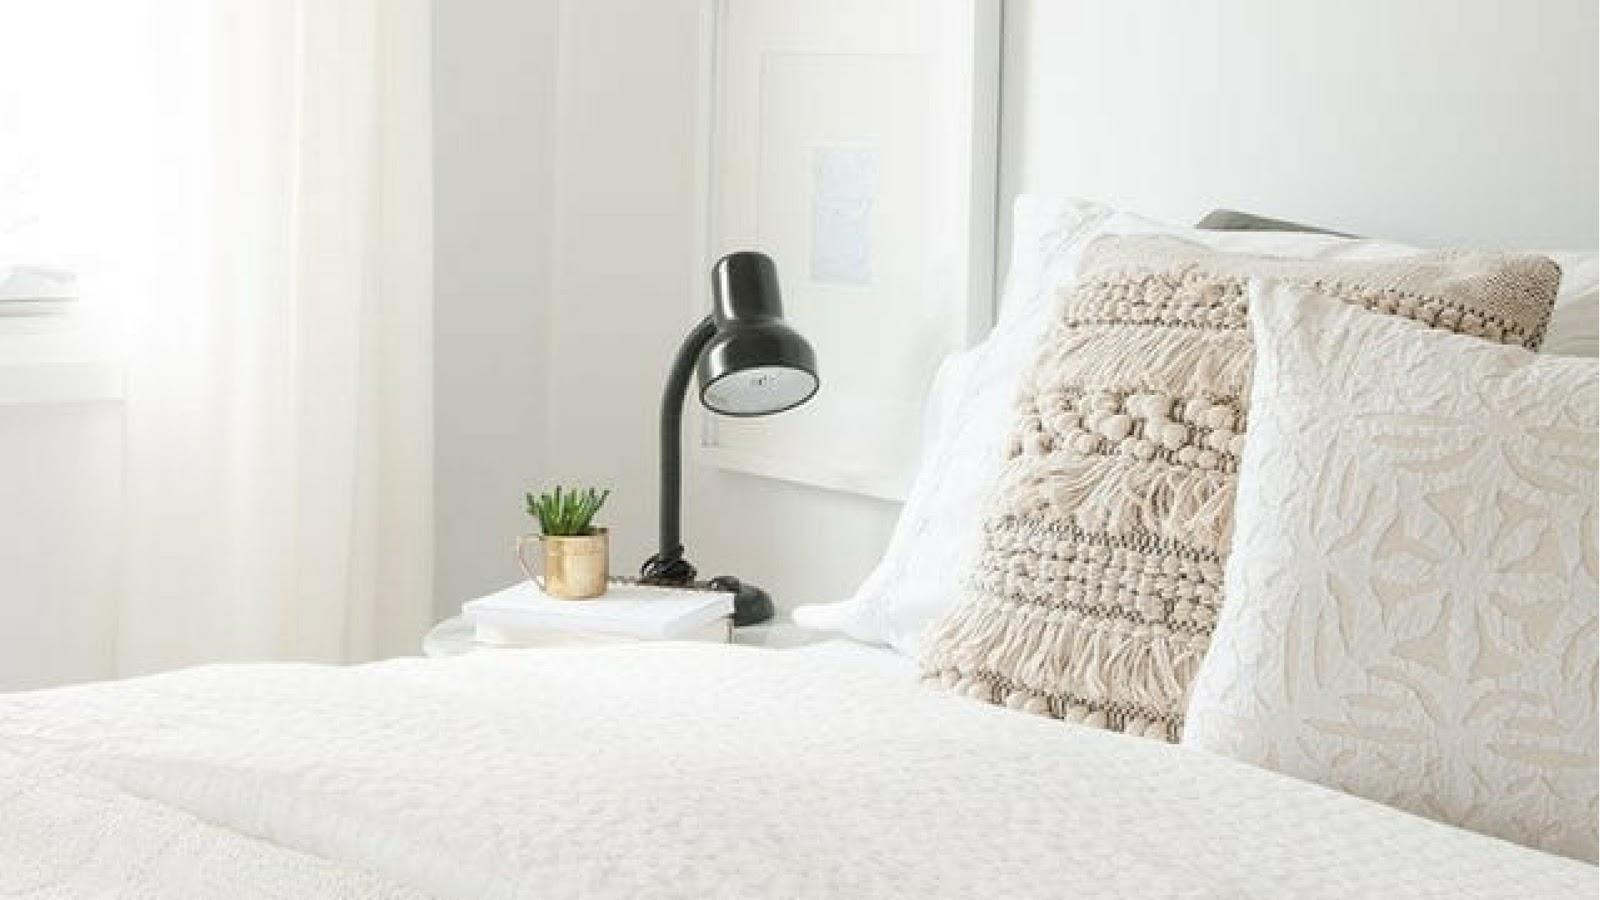 El que tu hogar luzca hermoso y cálido, las cortinas cumplen un gran papel. ¡Aquí verás las mejores opciones del mercado para que tu hogar sea el más lindo!